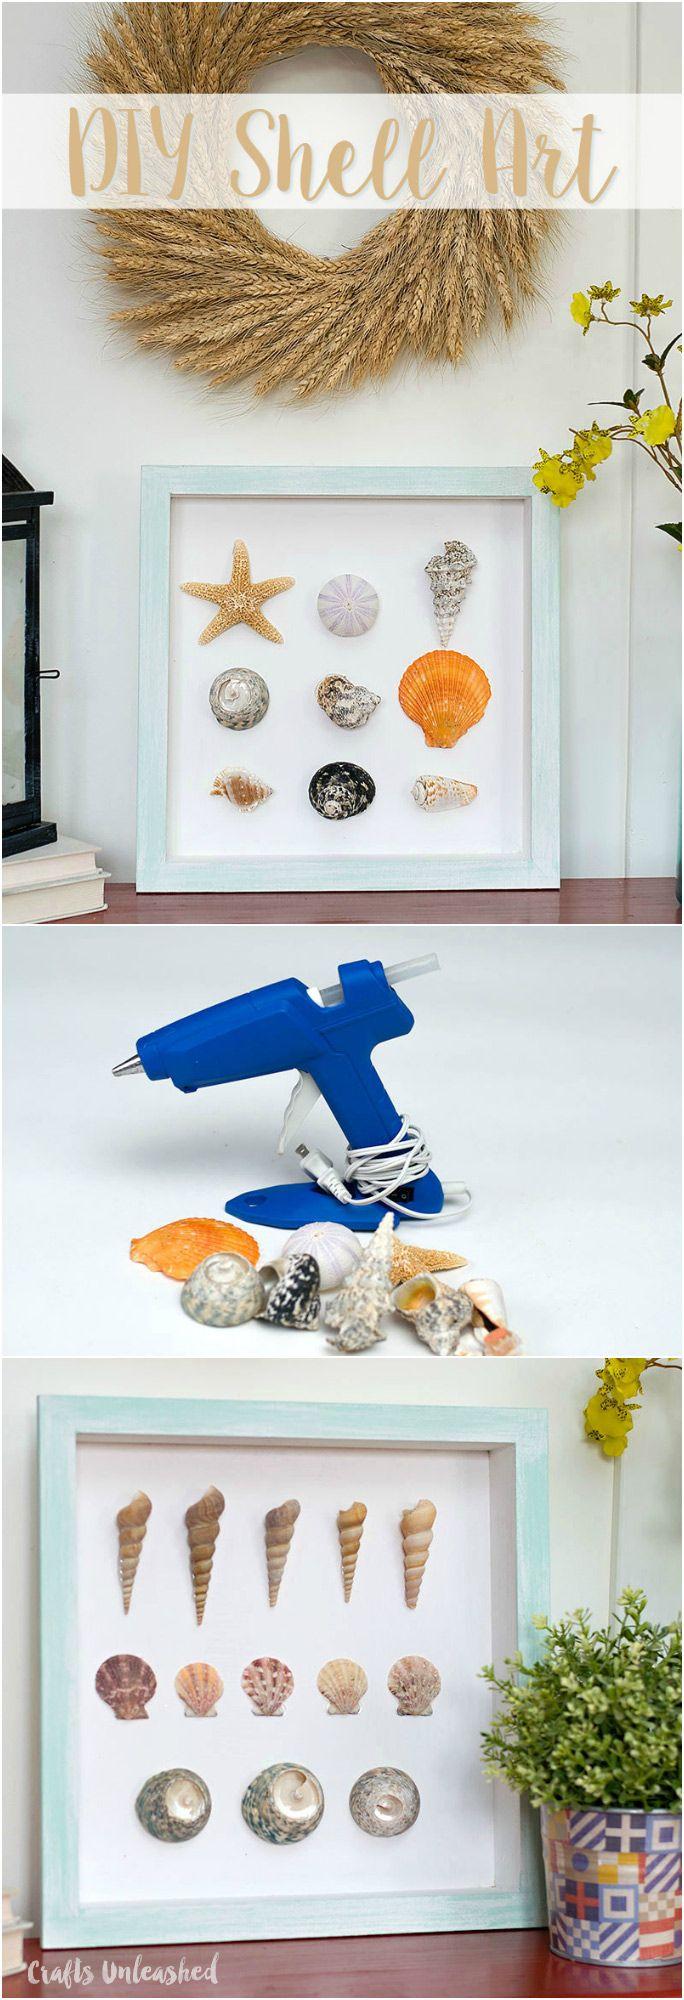 DIY Shell Specimen Wall Art